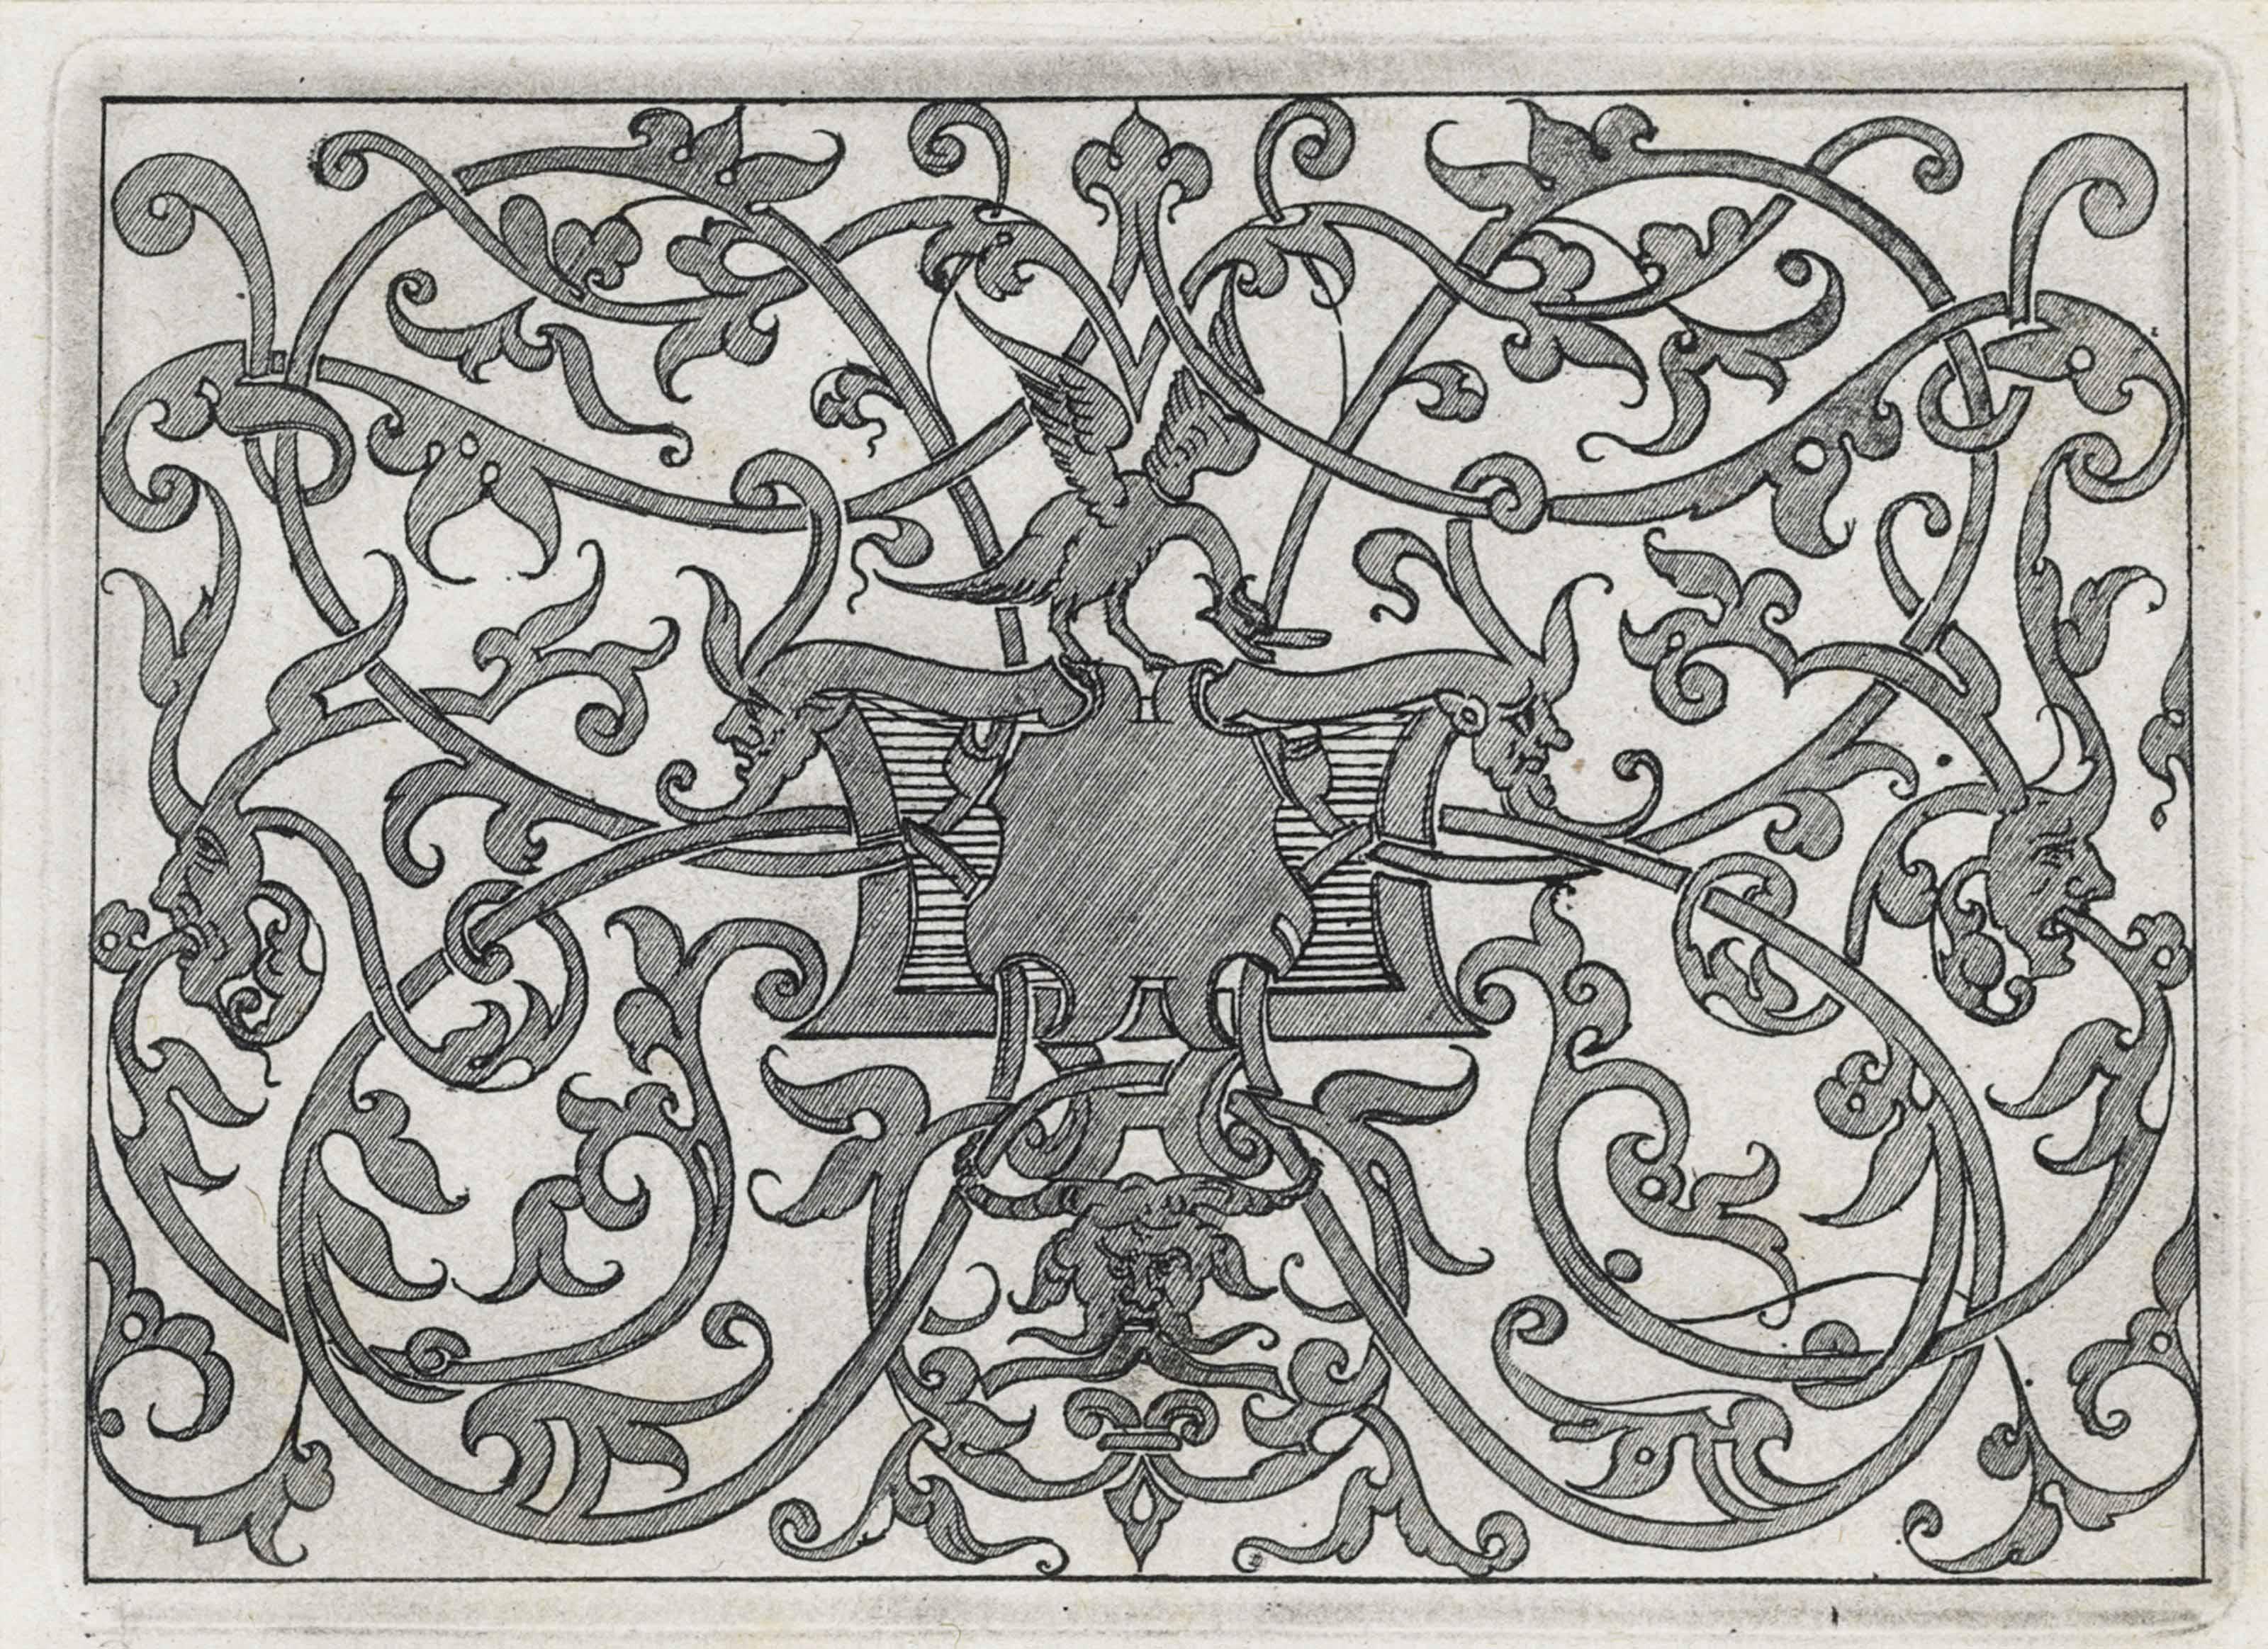 ANDROUET DU CERCEAU, Jacques. (ca. 1520-1586)